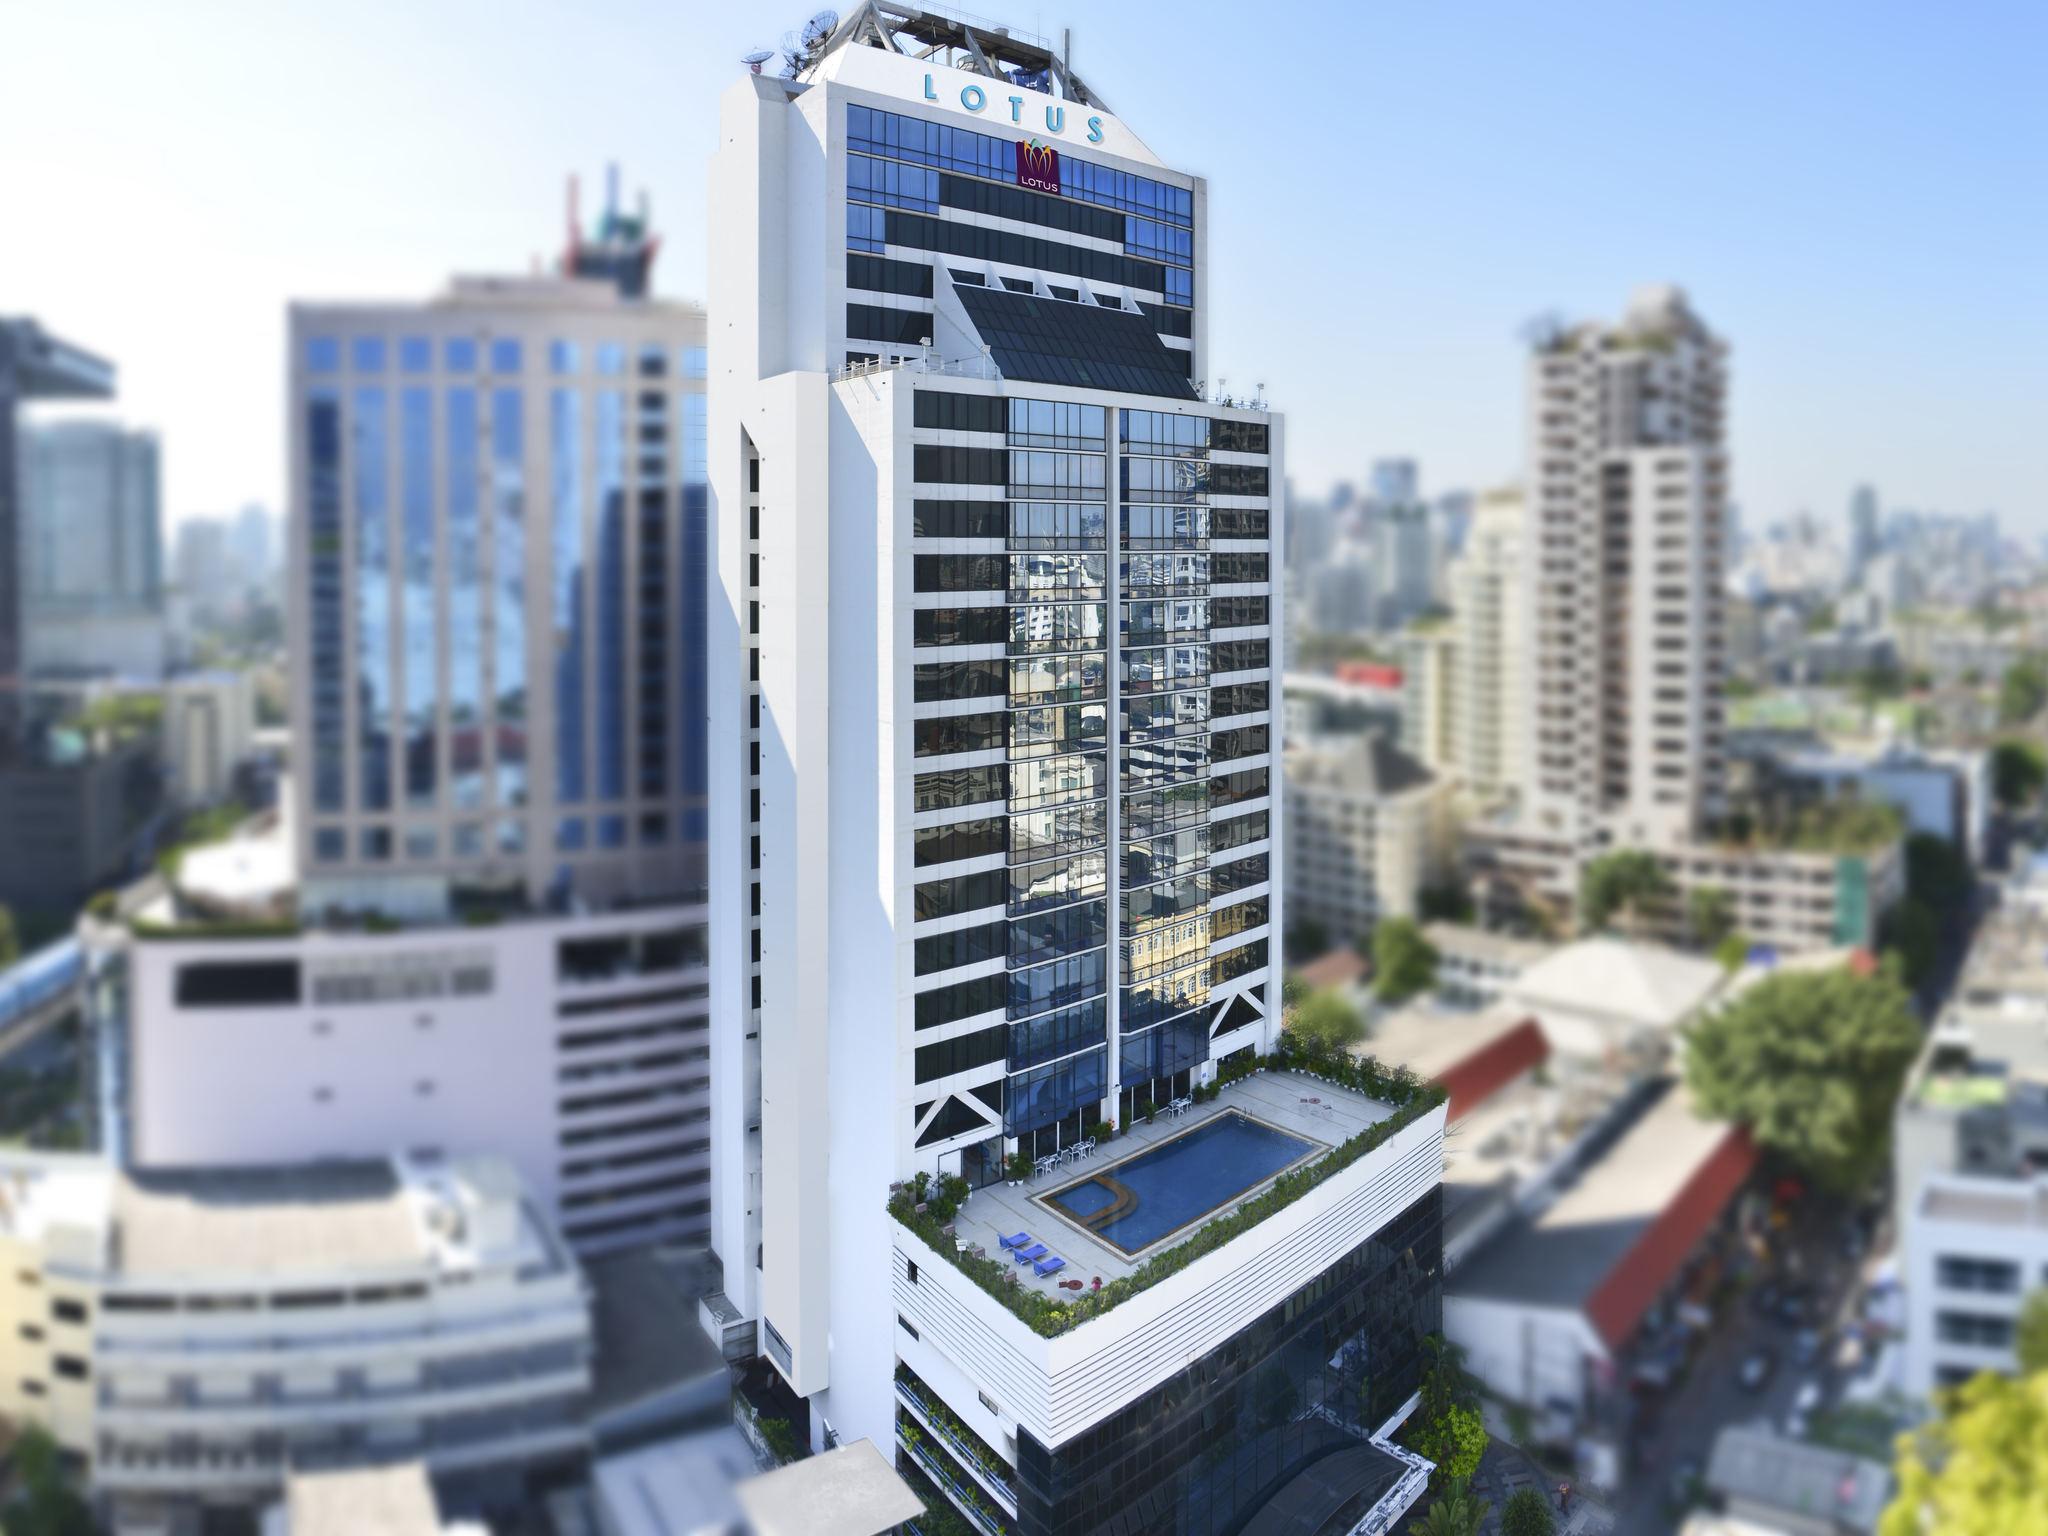 โรงแรม – โรงแรมโลตัส สุขุมวิท กรุงเทพ